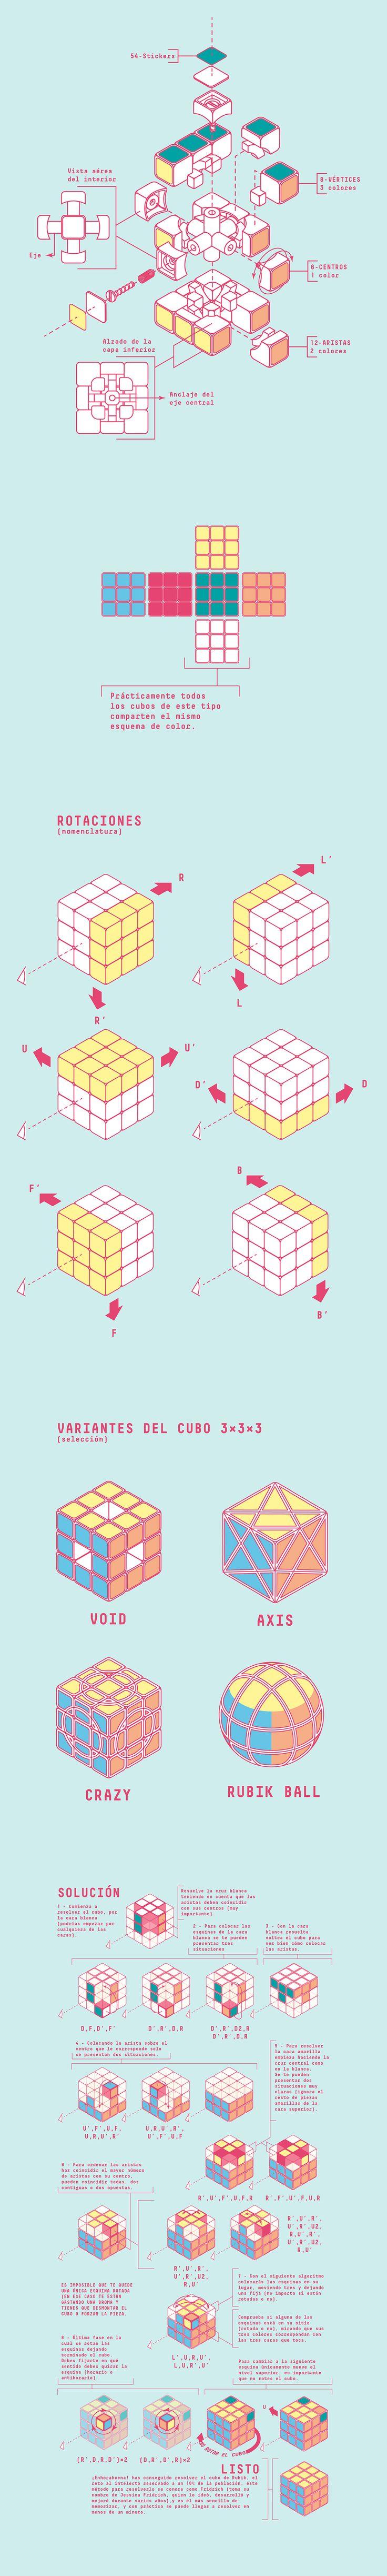 Infografía para un cubo de Rubik 3x3x3